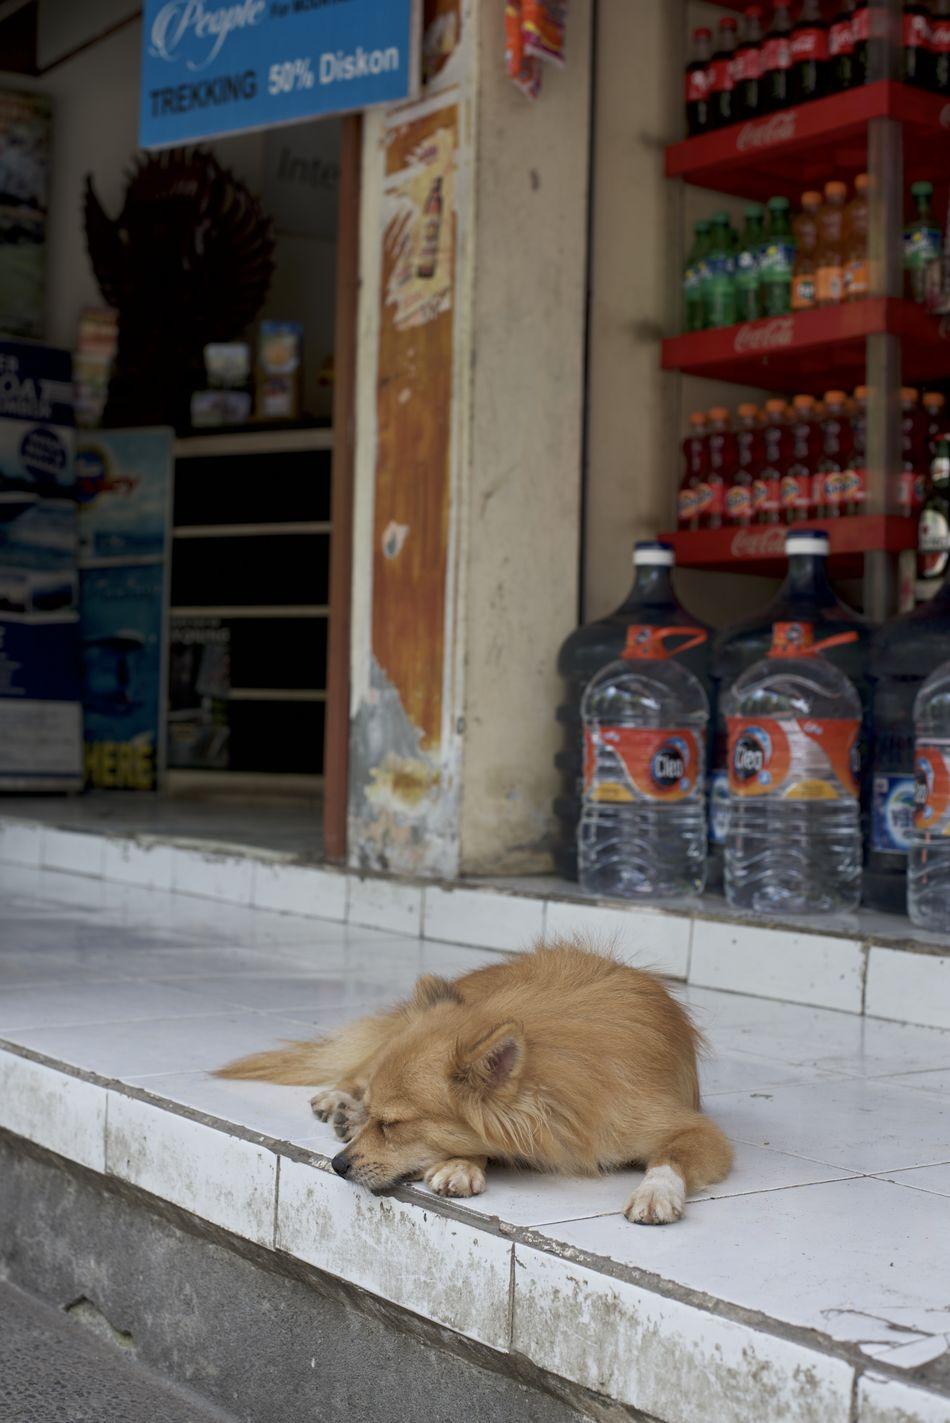 ubud is a mood Animal Themes Bali Bali, Indonesia Day Dog Domestic Animals Domestic Cat Full Length Mammal Napping Dog No People One Animal Outdoors Pets Sleeping Dog Small Dog Soda Bottles Storefront Ubud Ubud, Bali Water Bottles